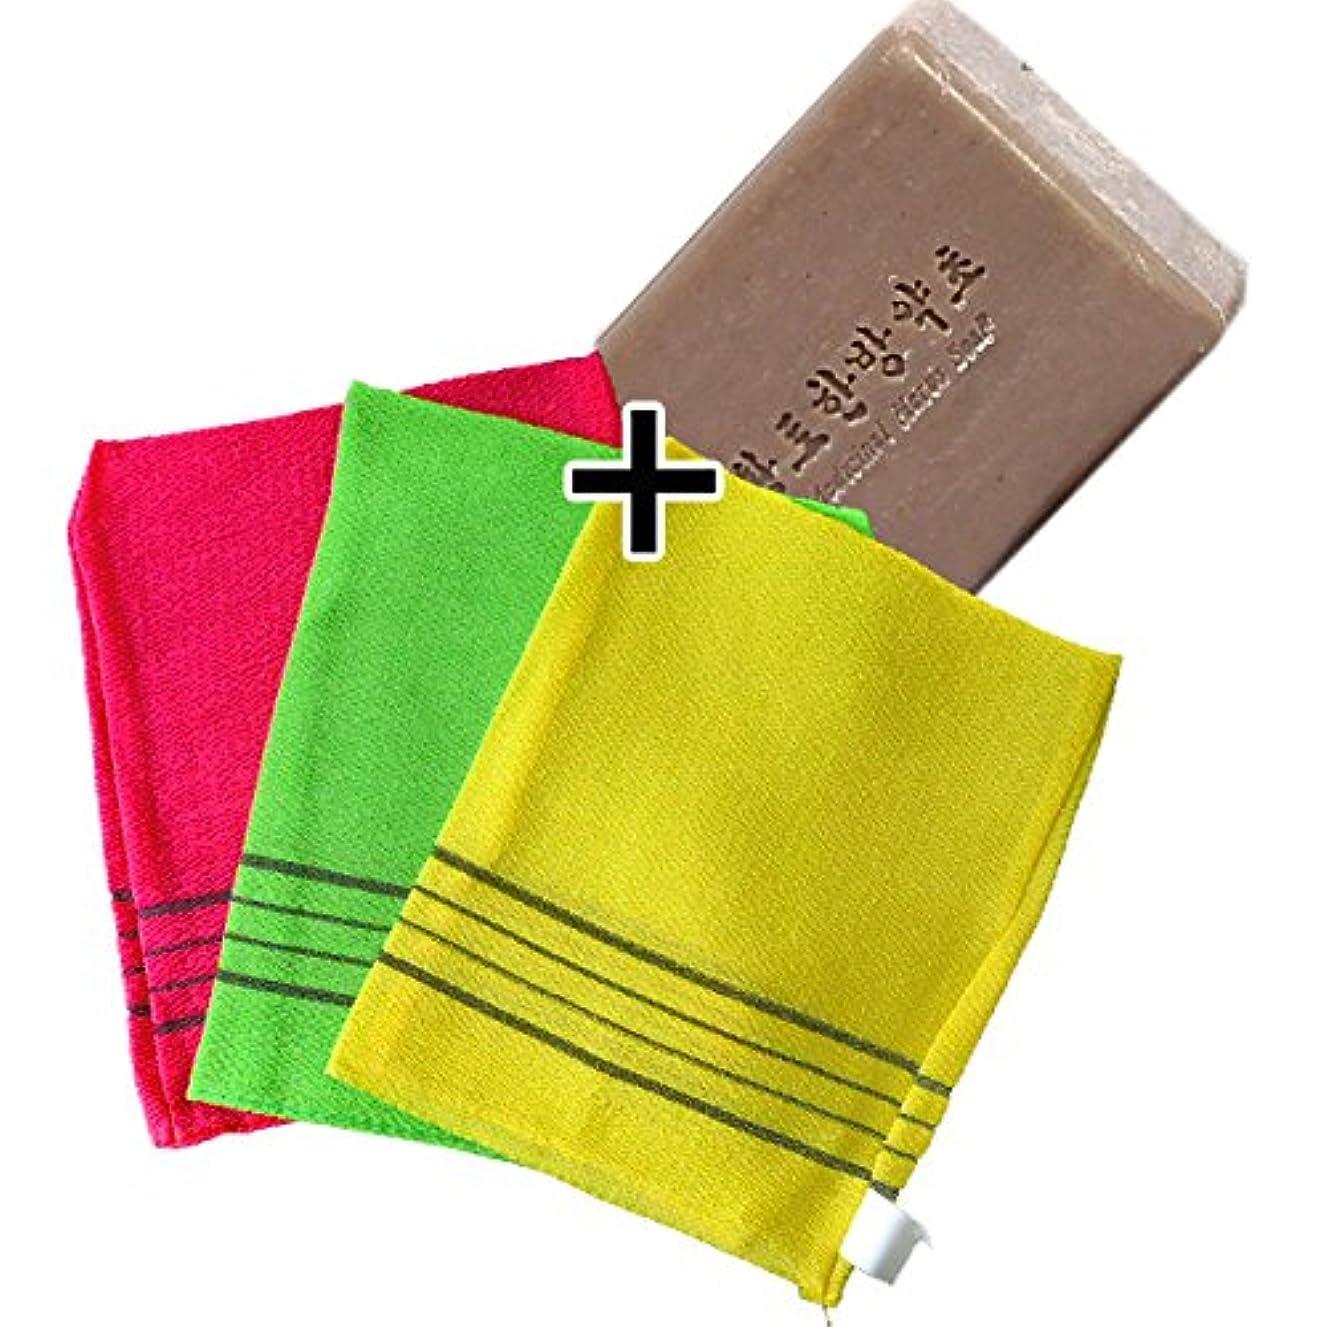 入札クラウド聖歌(韓国ブランド) あかすりセット(韓国あかすり3枚セット+あかすり石鹸1個)